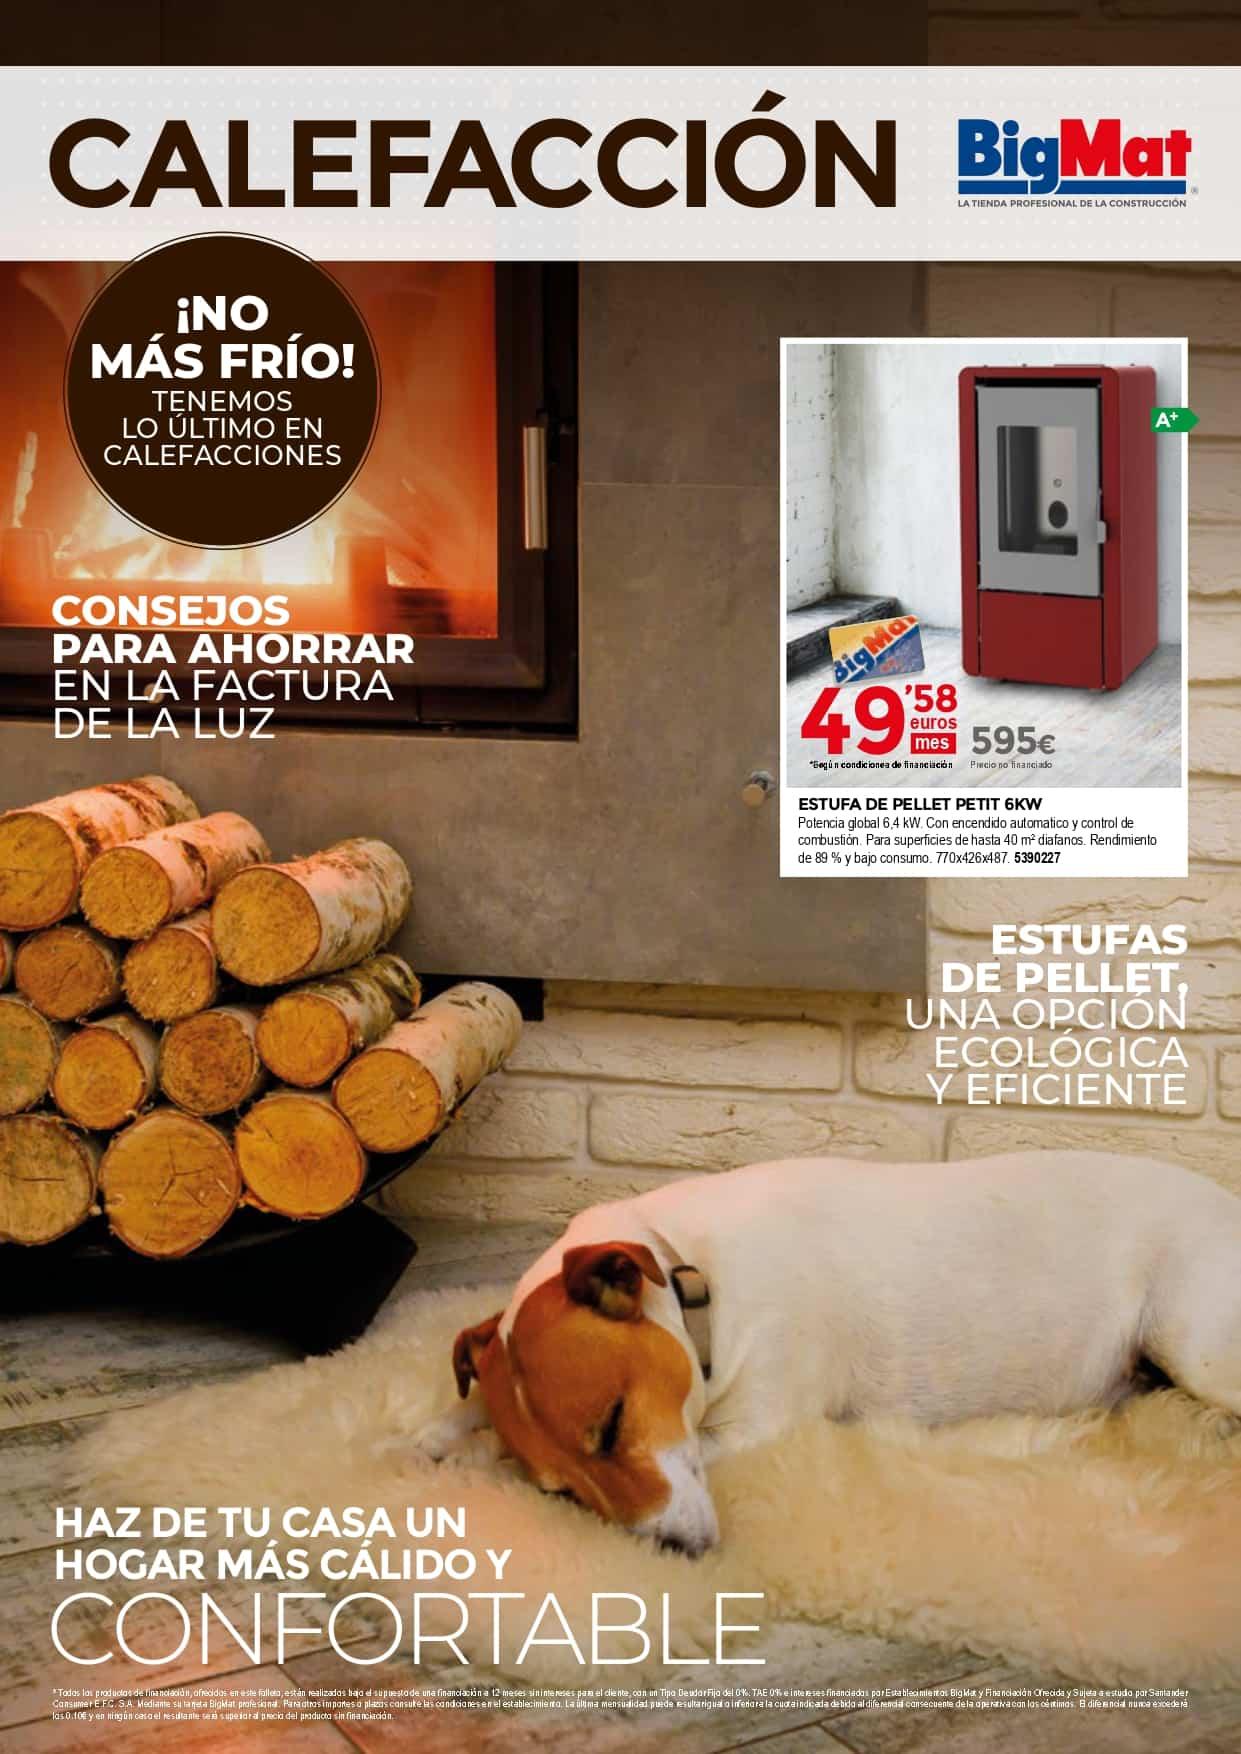 Ideas para elegir el termostato más adecuado para mi hogar 33